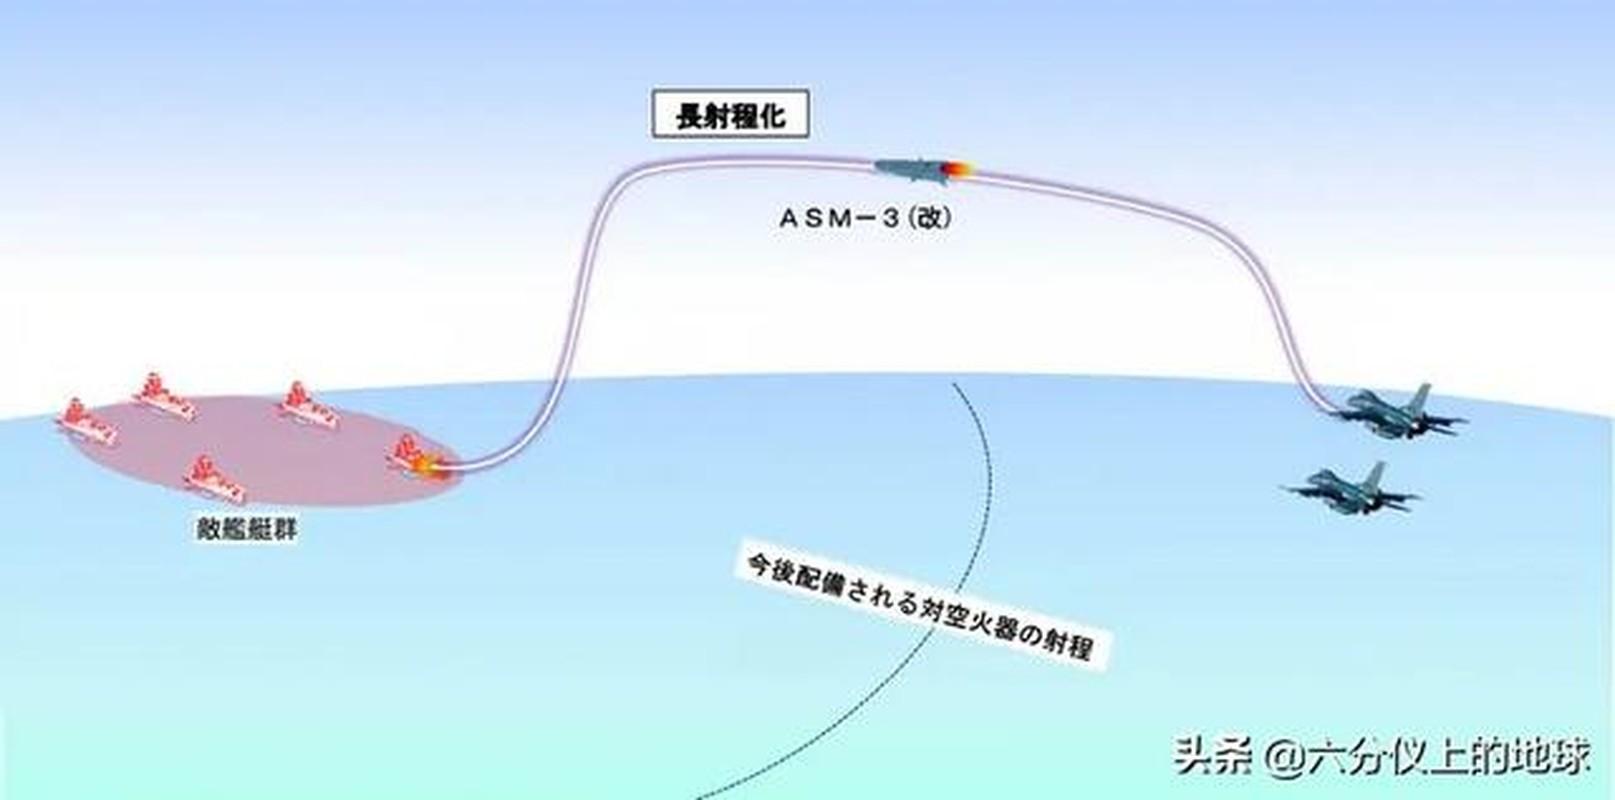 Nhat Ban trien khai ten lua ASM-3A bao trum Dong Bac A-Hinh-7